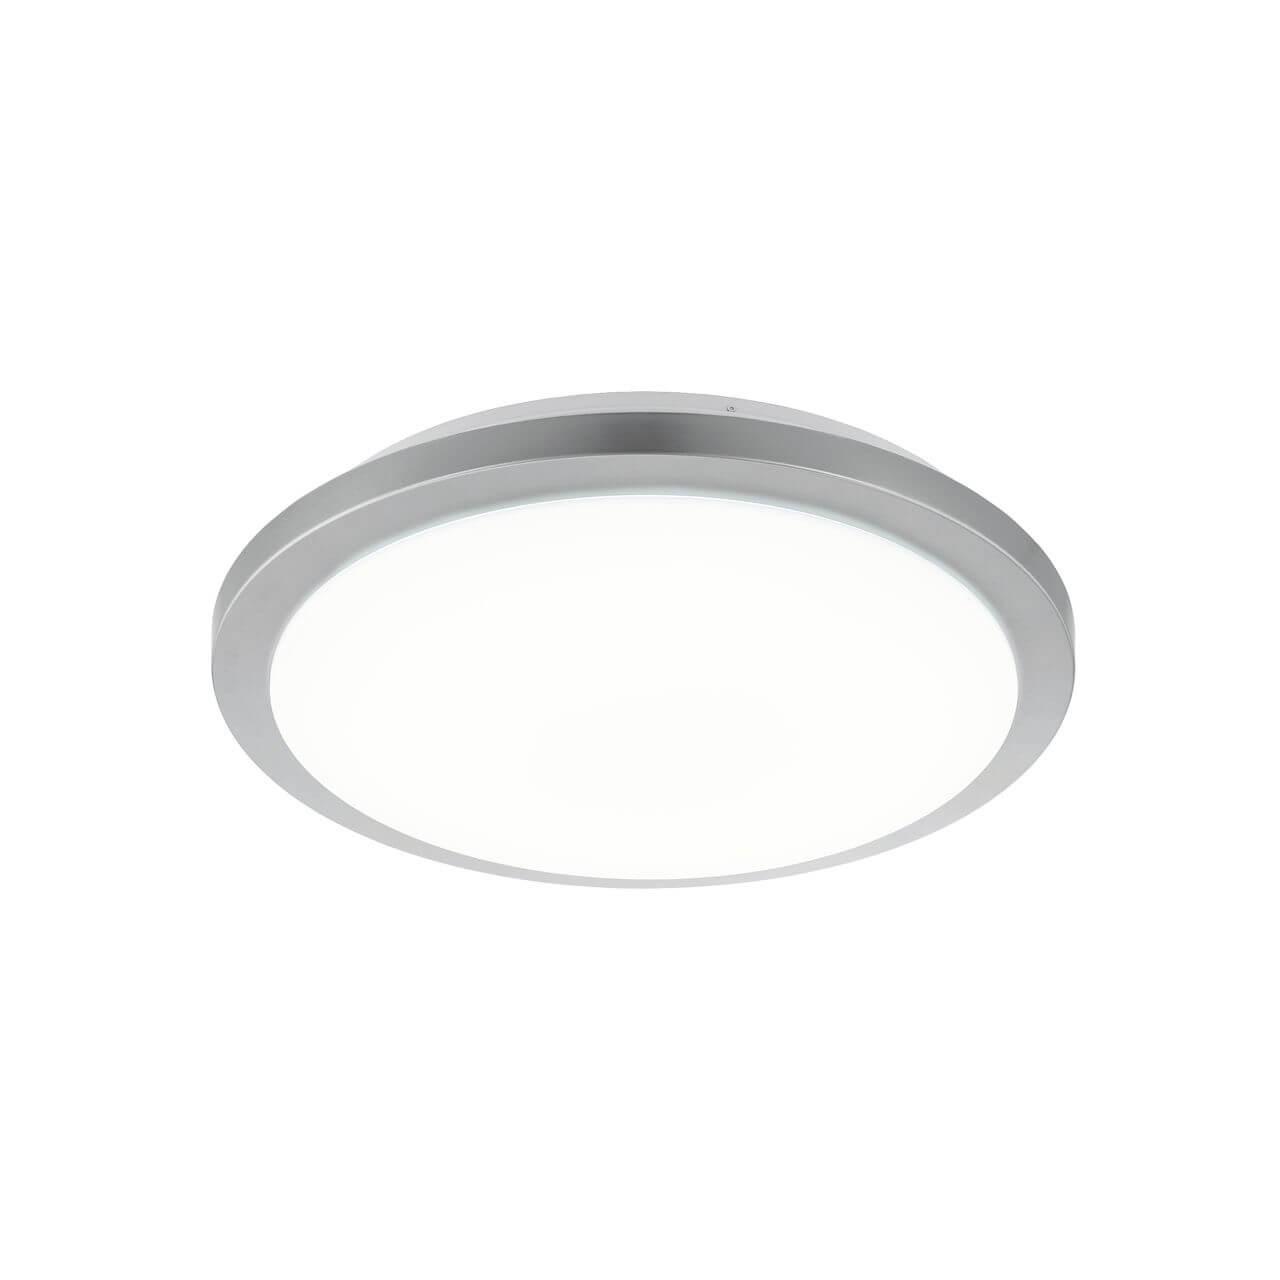 Настенно-потолочный светодиодный светильник Eglo Competa-ST 97327 настенно потолочный светодиодный светильник eglo competa 1 st 97752